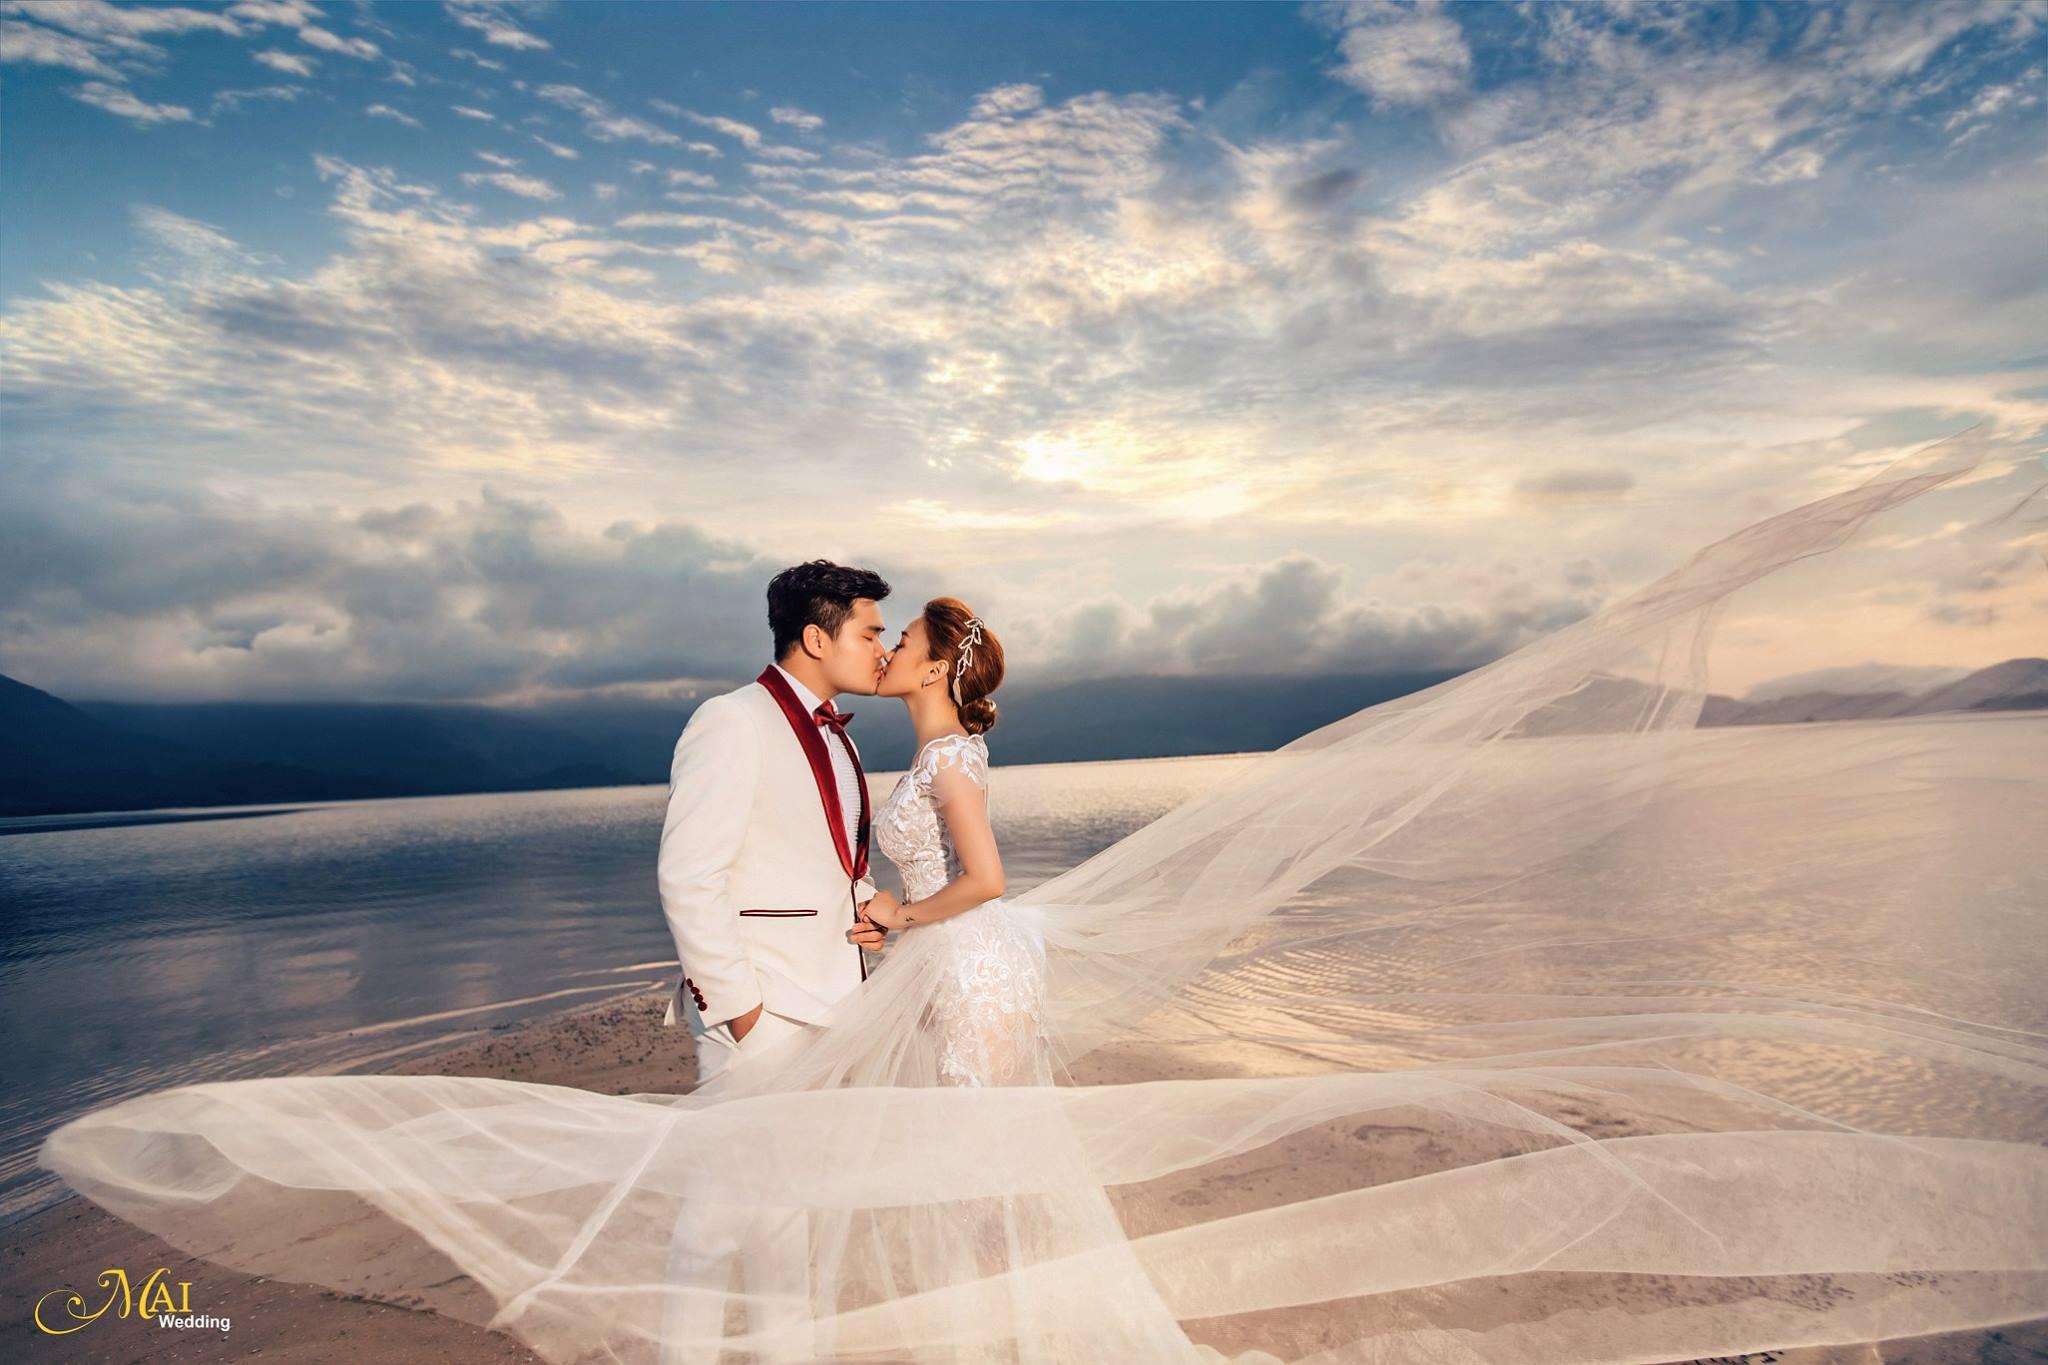 Studio chụp ảnh cưới đẹp và nổi tiếng nhất Đà Nẵng Mai Wedding